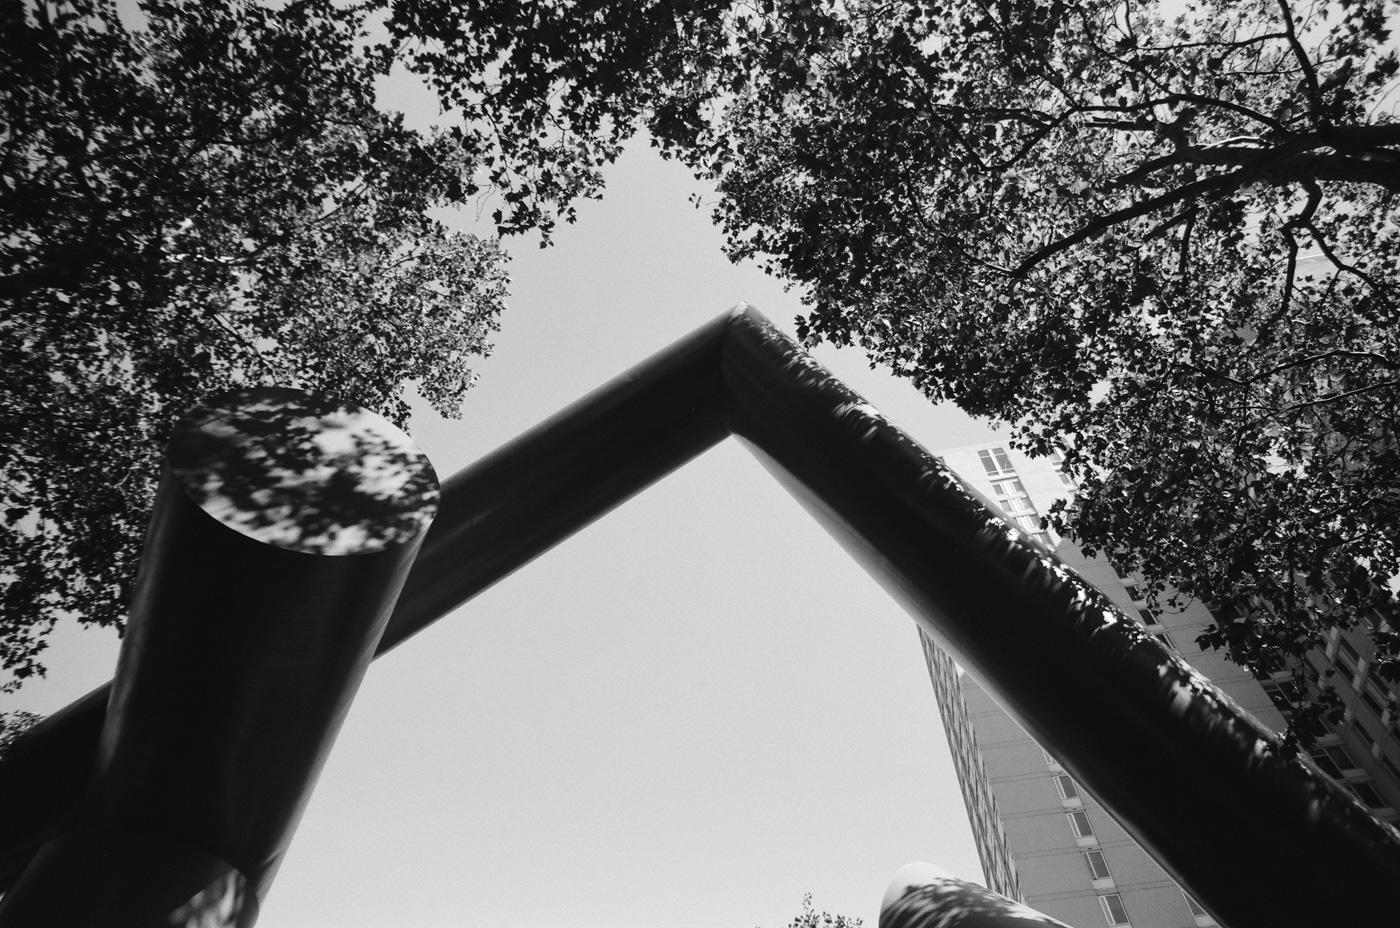 Sculpture along Locust Walk